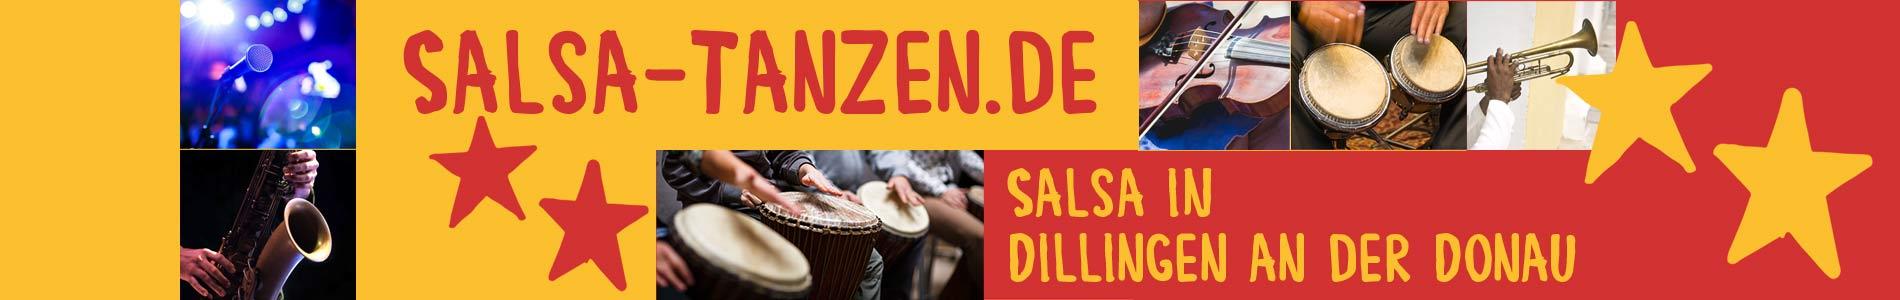 Salsa in Dillingen an der Donau – Salsa lernen und tanzen, Tanzkurse, Partys, Veranstaltungen